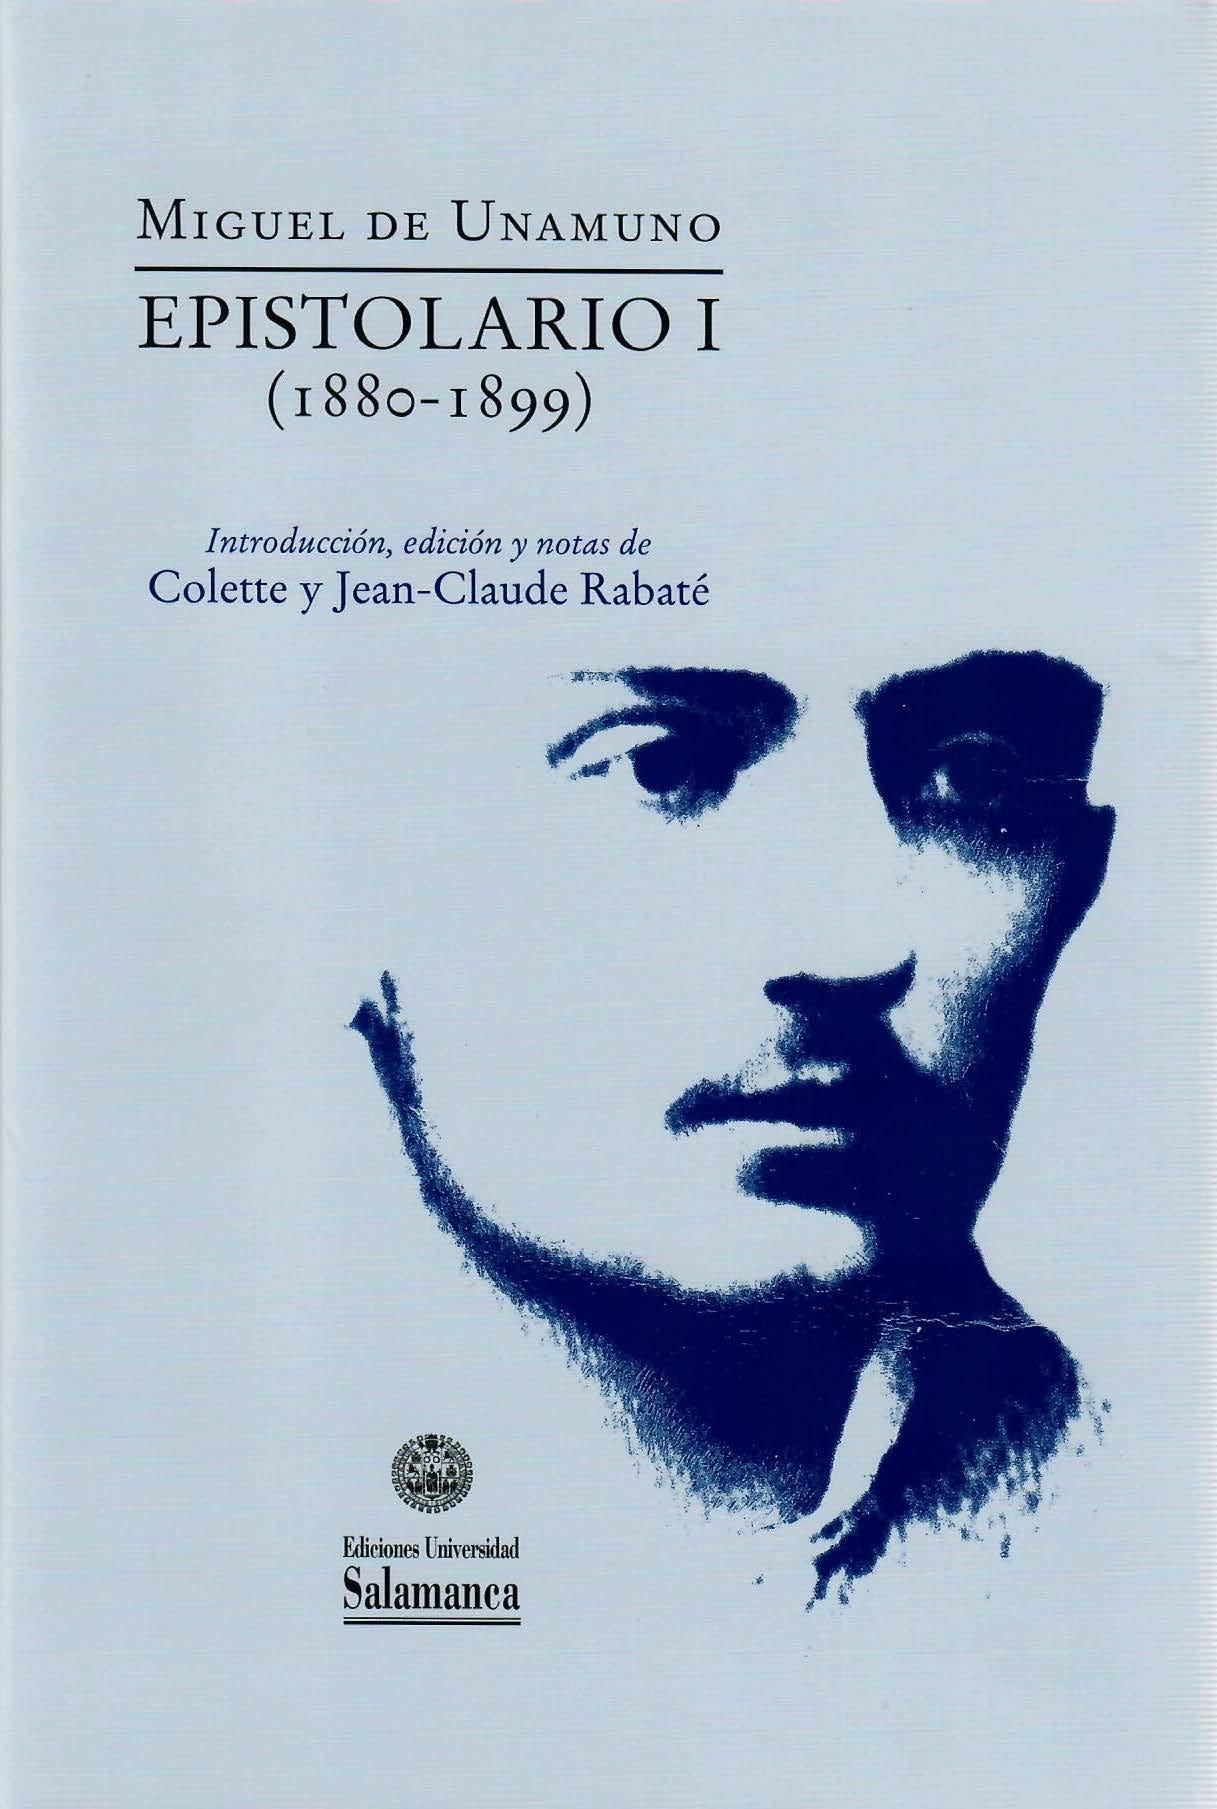 Miguel de Unamuno. Epistolario I (1880-1899)